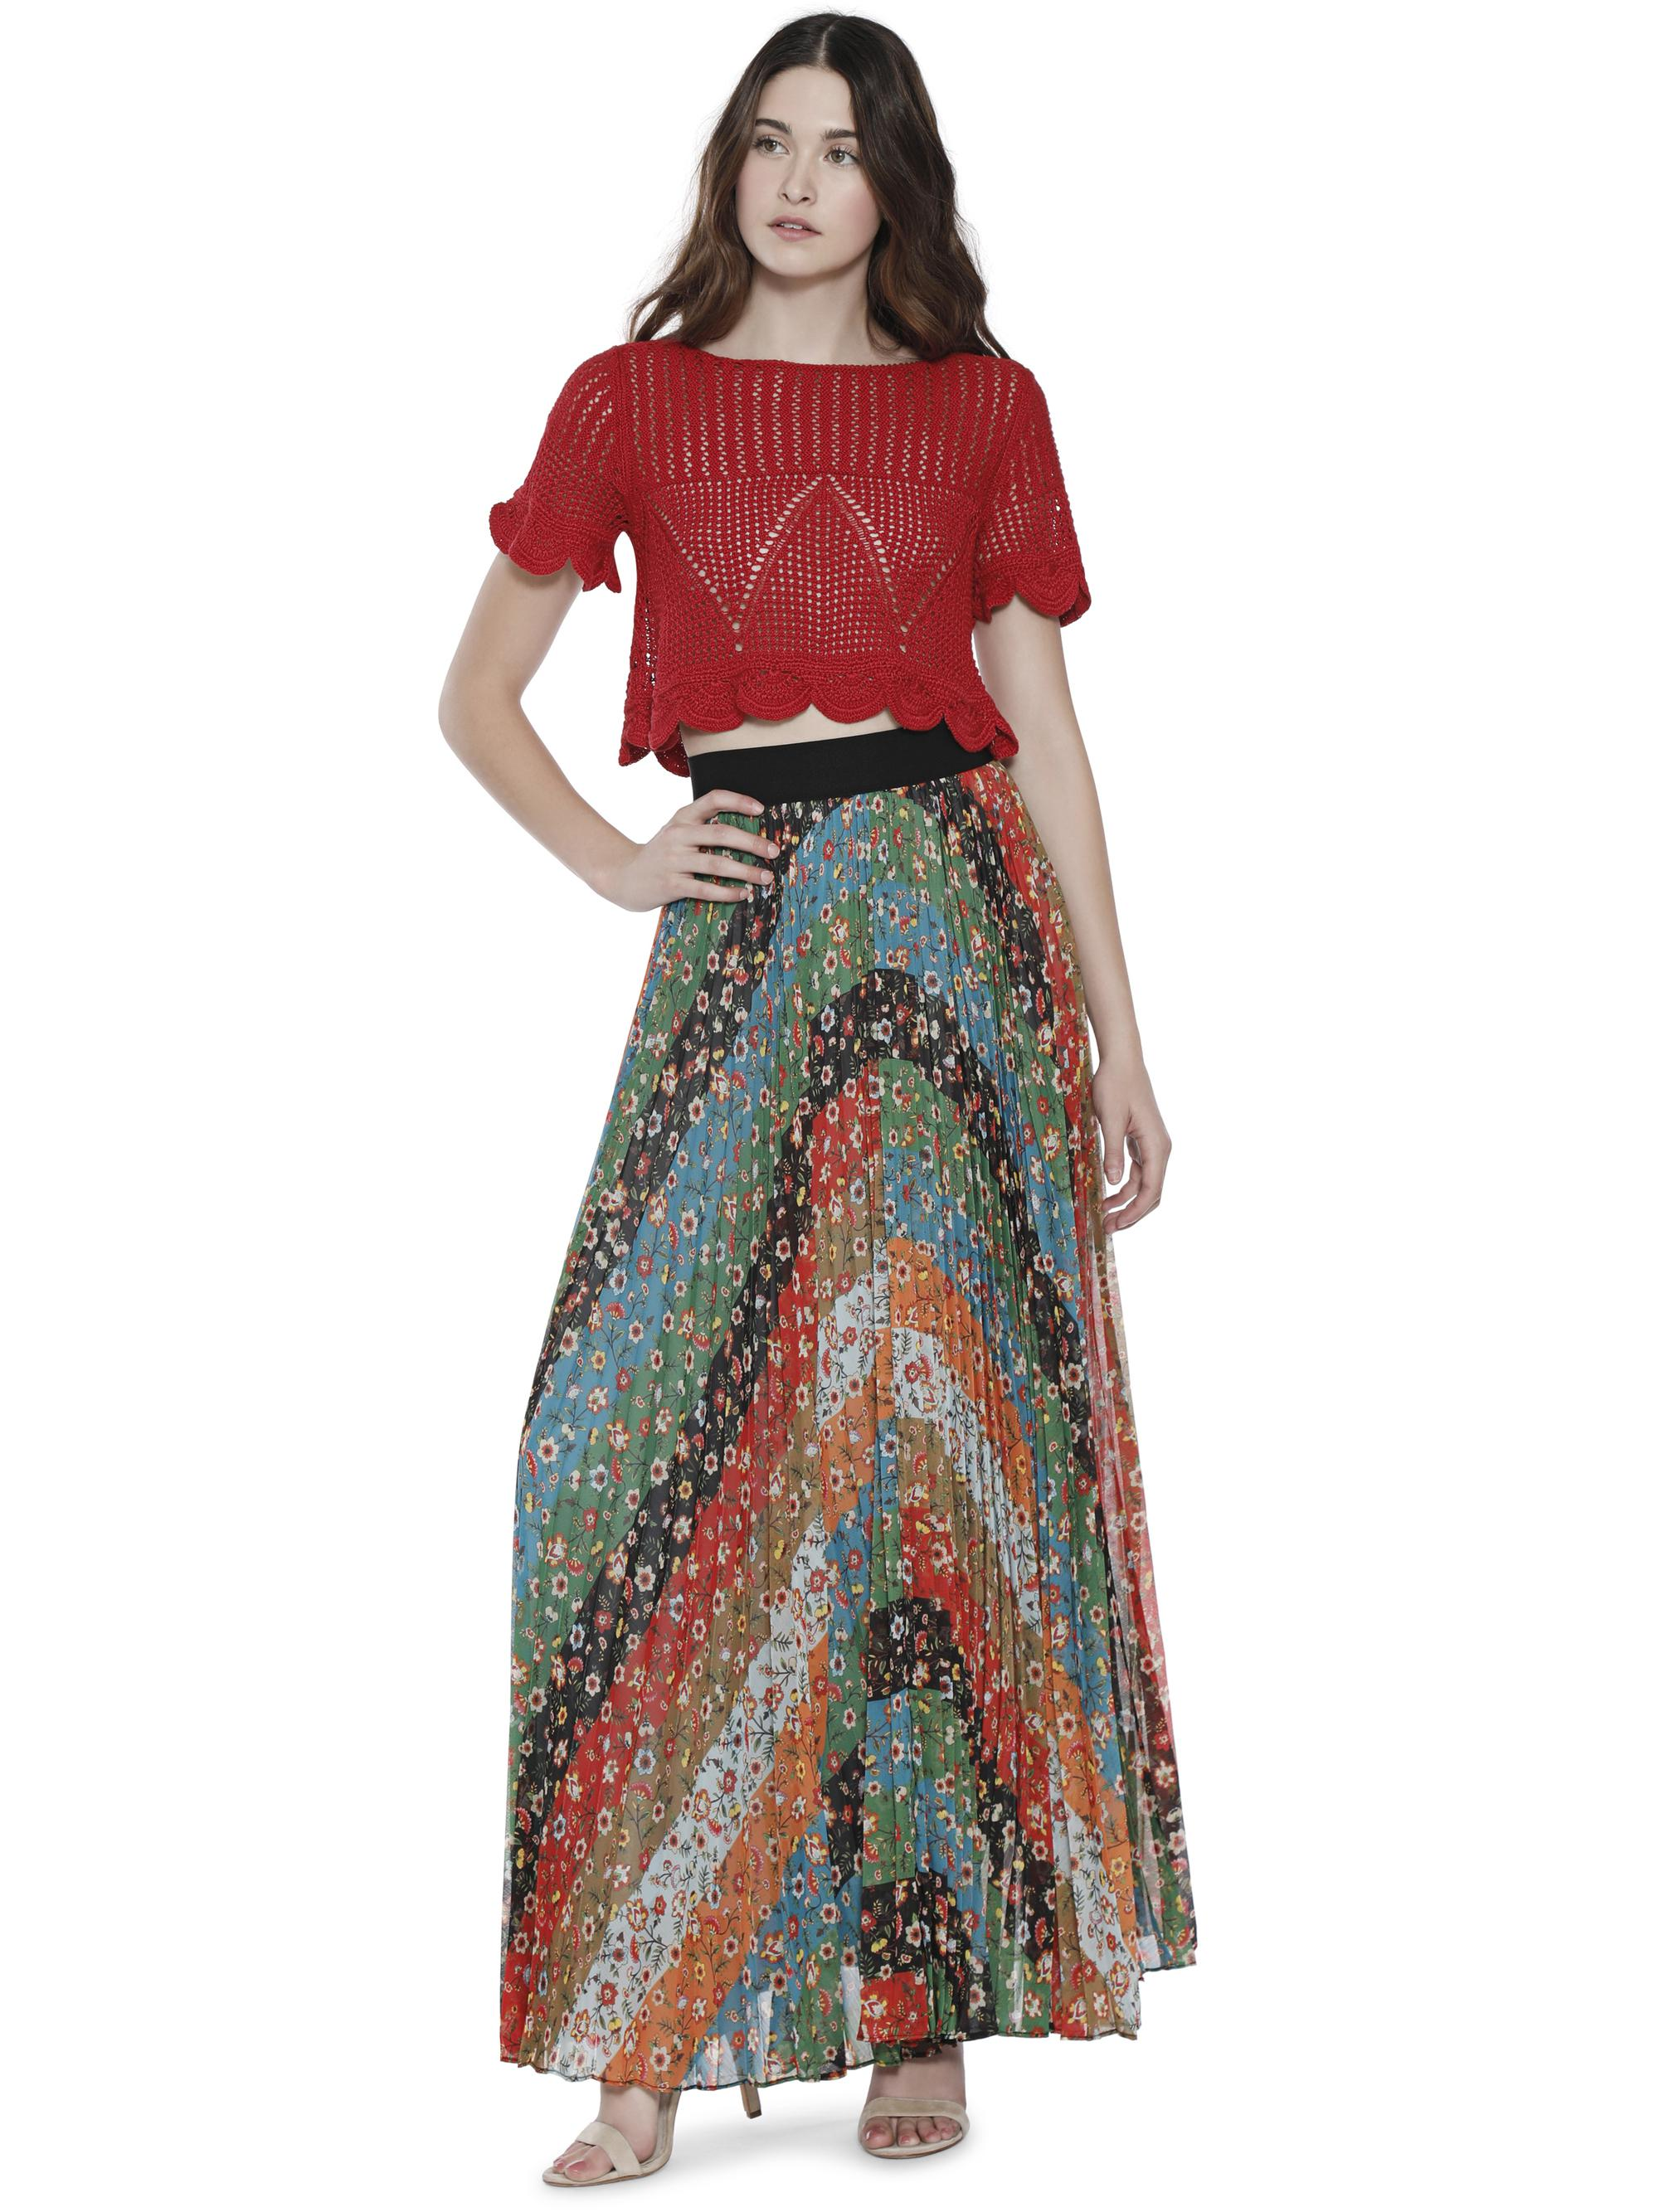 854b8d43b198 Alice + Olivia Katz Wide Band Sunburst Pleat Maxi Skirt - Lyst